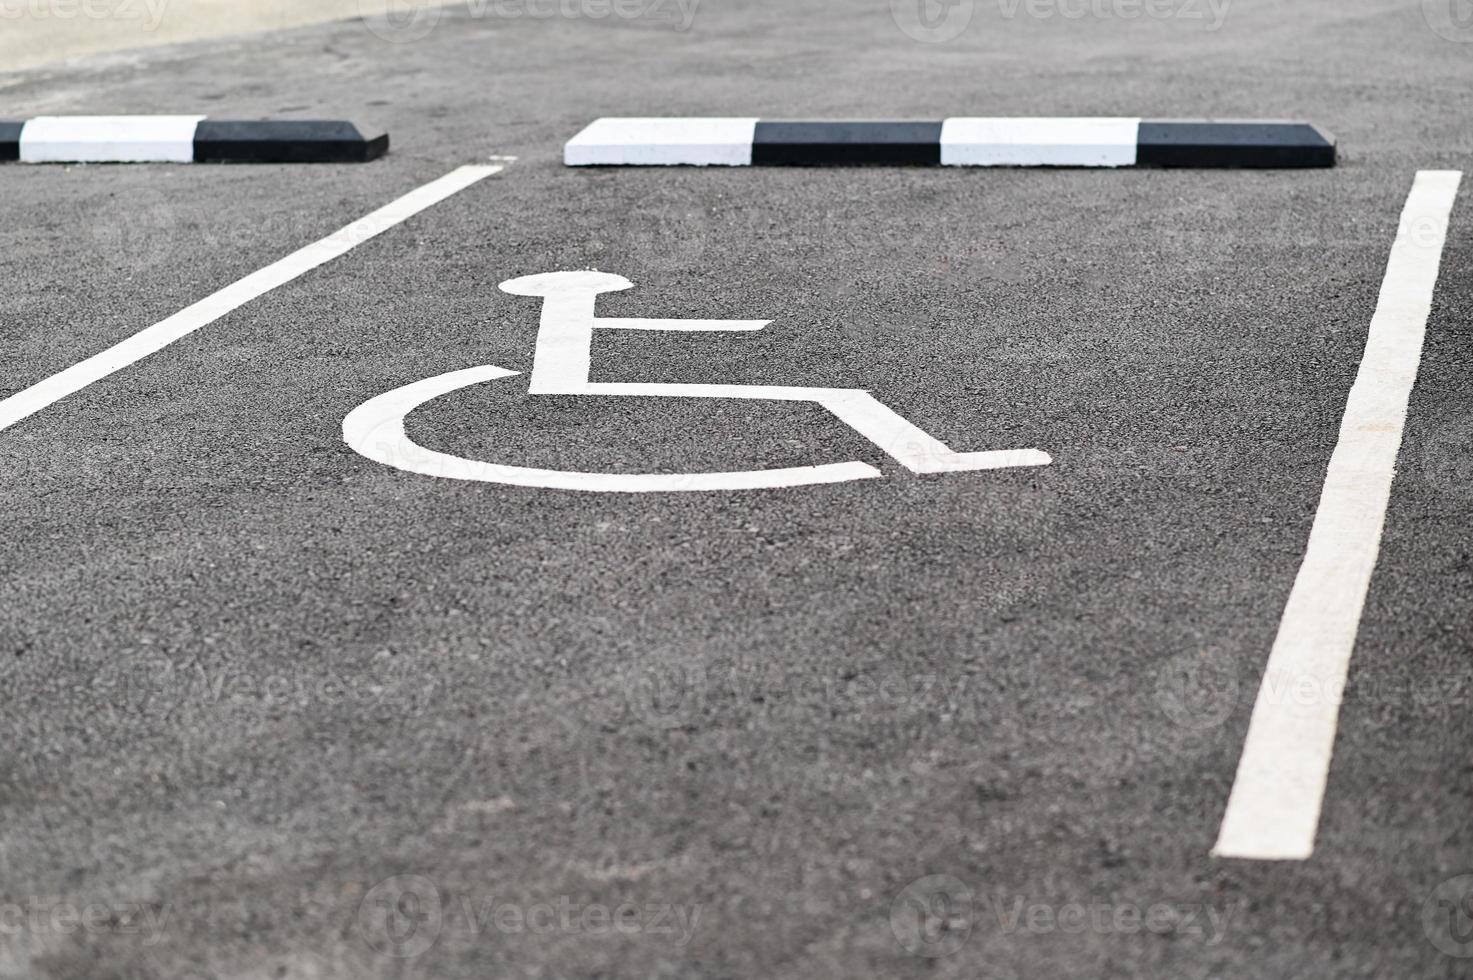 lugares de estacionamento para deficientes. foto